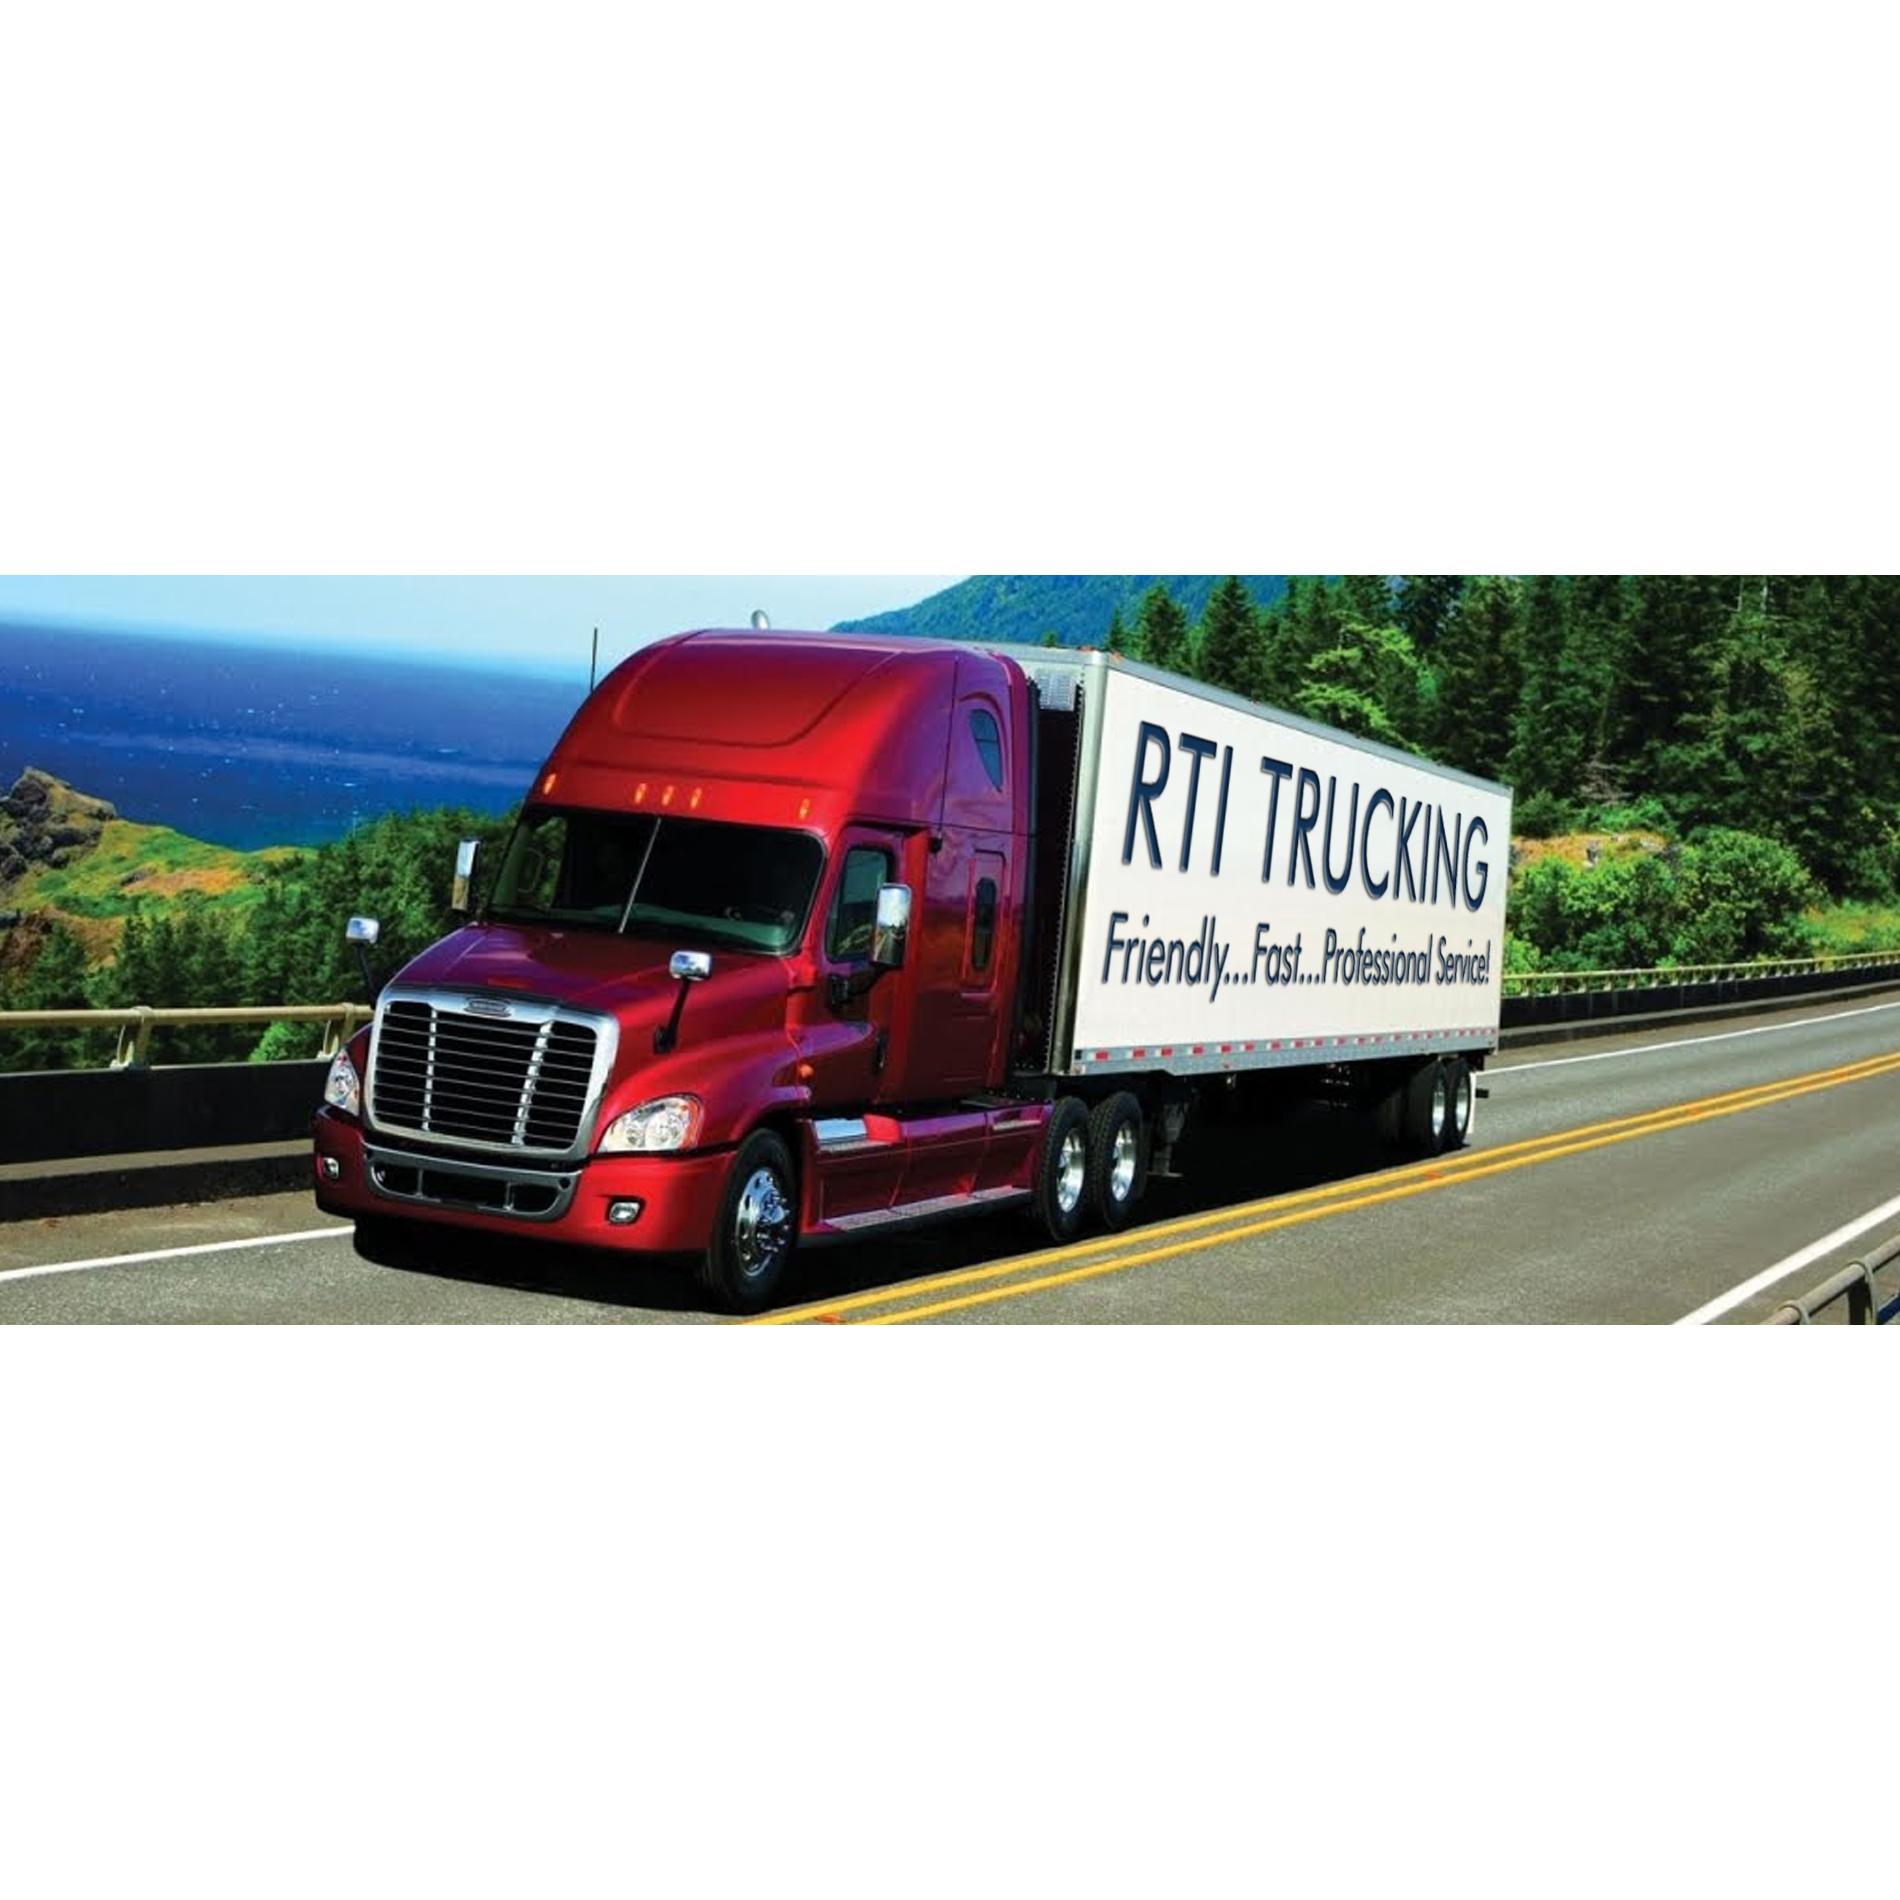 RTI Trucking